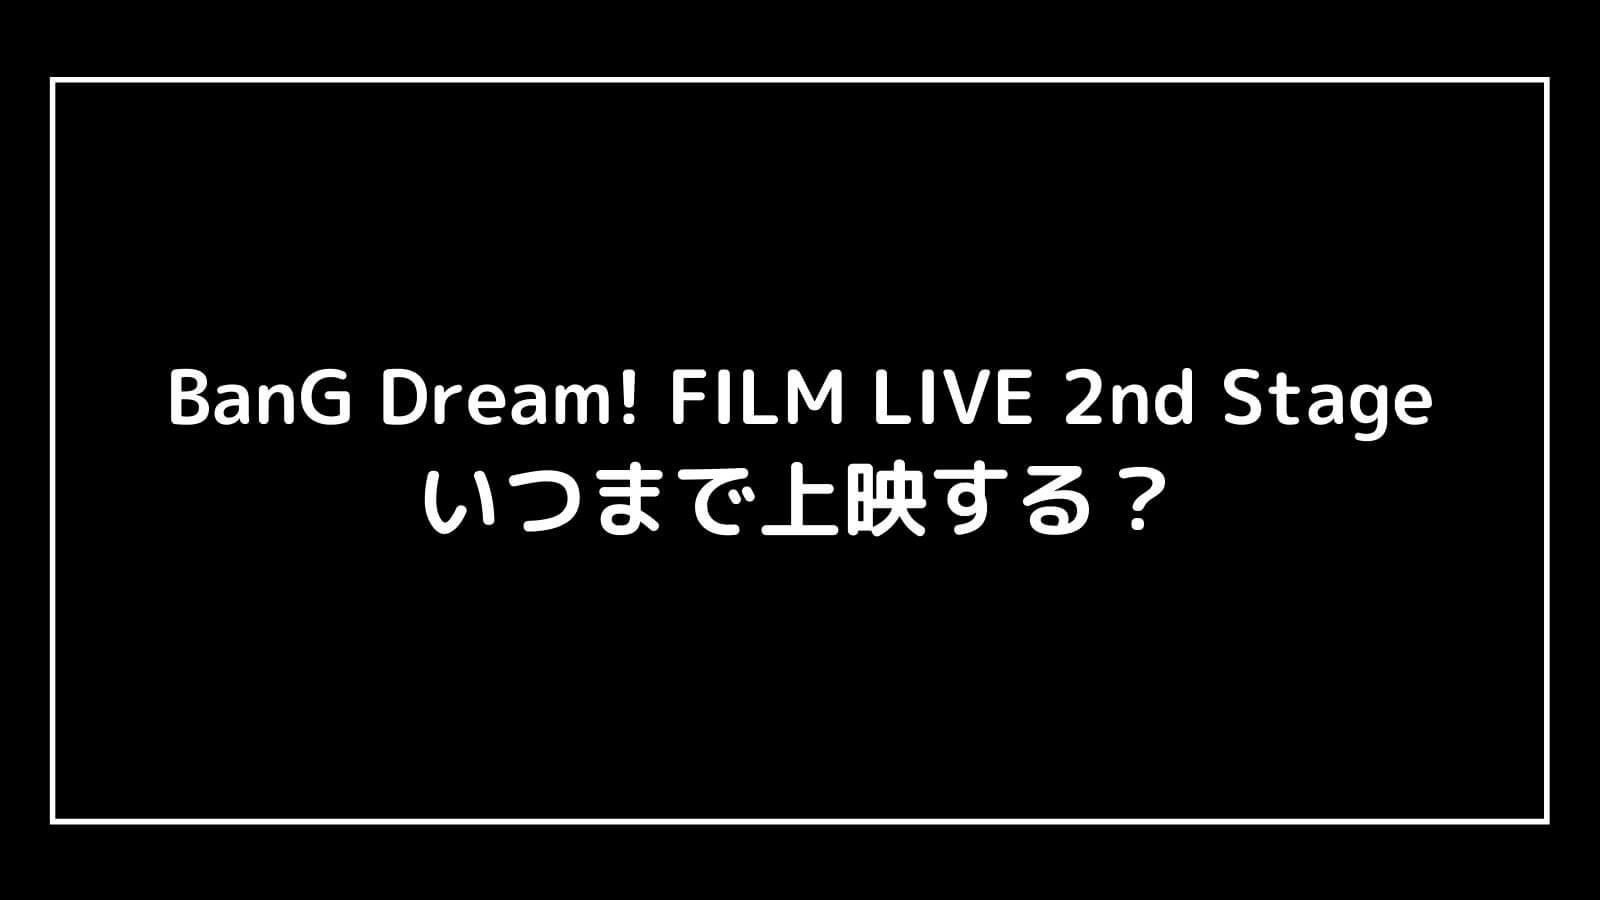 映画『BanG Dream! FILM LIVE 2nd Stage』はいつまで上映する?元映画館社員が公開期間を予想